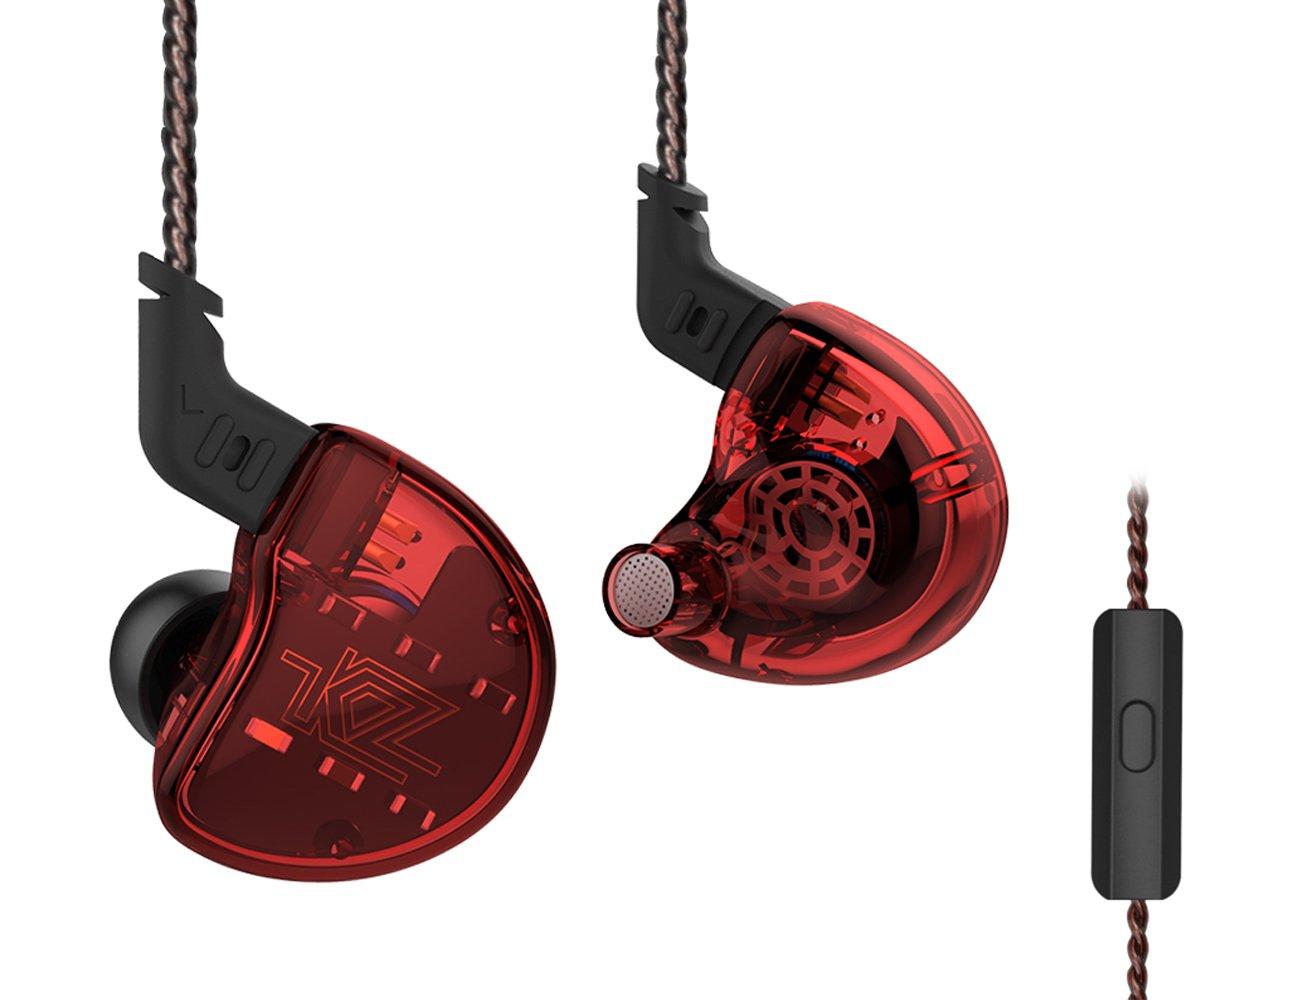 KZ zs10ハイブリッド4バランスアーマチュアwithダイナミック単位で耳イヤホン1dd + 4ba 0.75 MM 2ピン取り外し可能ケーブル5単位OFCケーブル3.5 MMコネクタステレオノイズキャンセリングHiFiスポーツnicehck レッド B07CG3TBYK  Red with mic